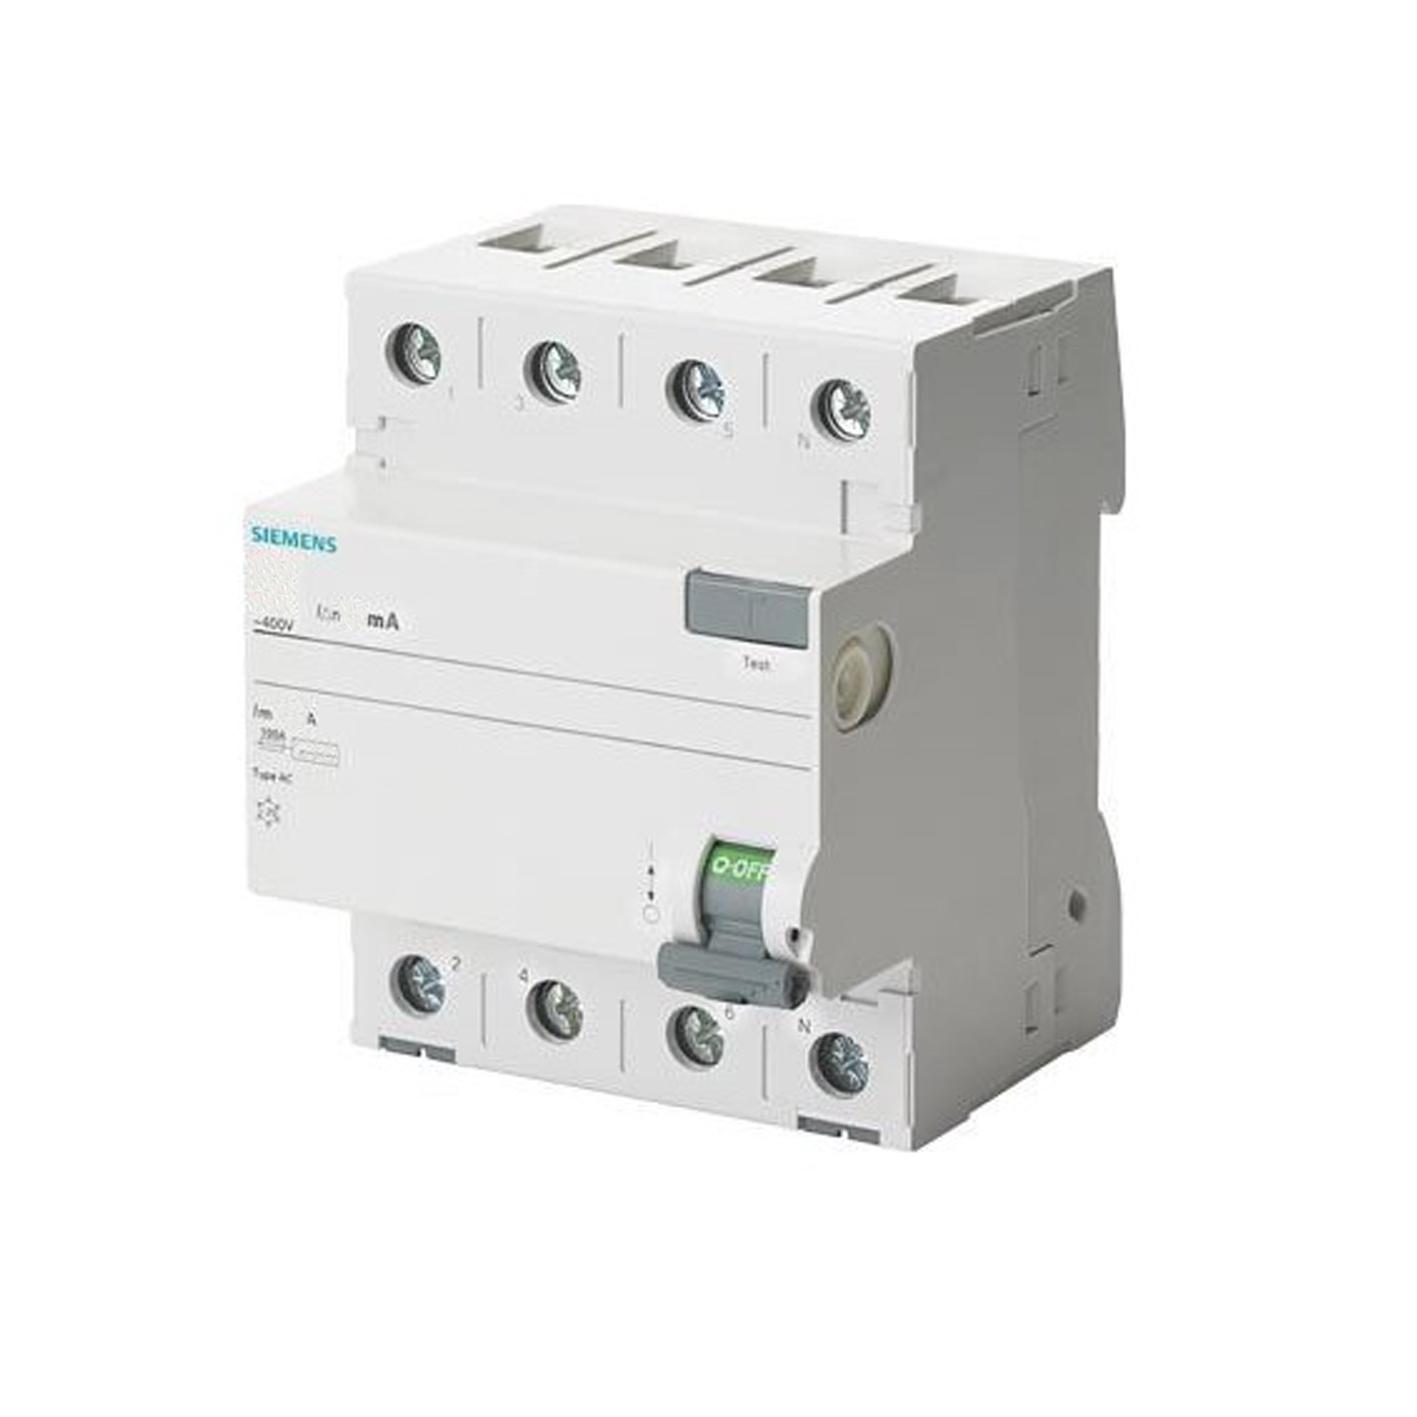 Siemens Kaçak Akım Rölesi 3x63 30mA